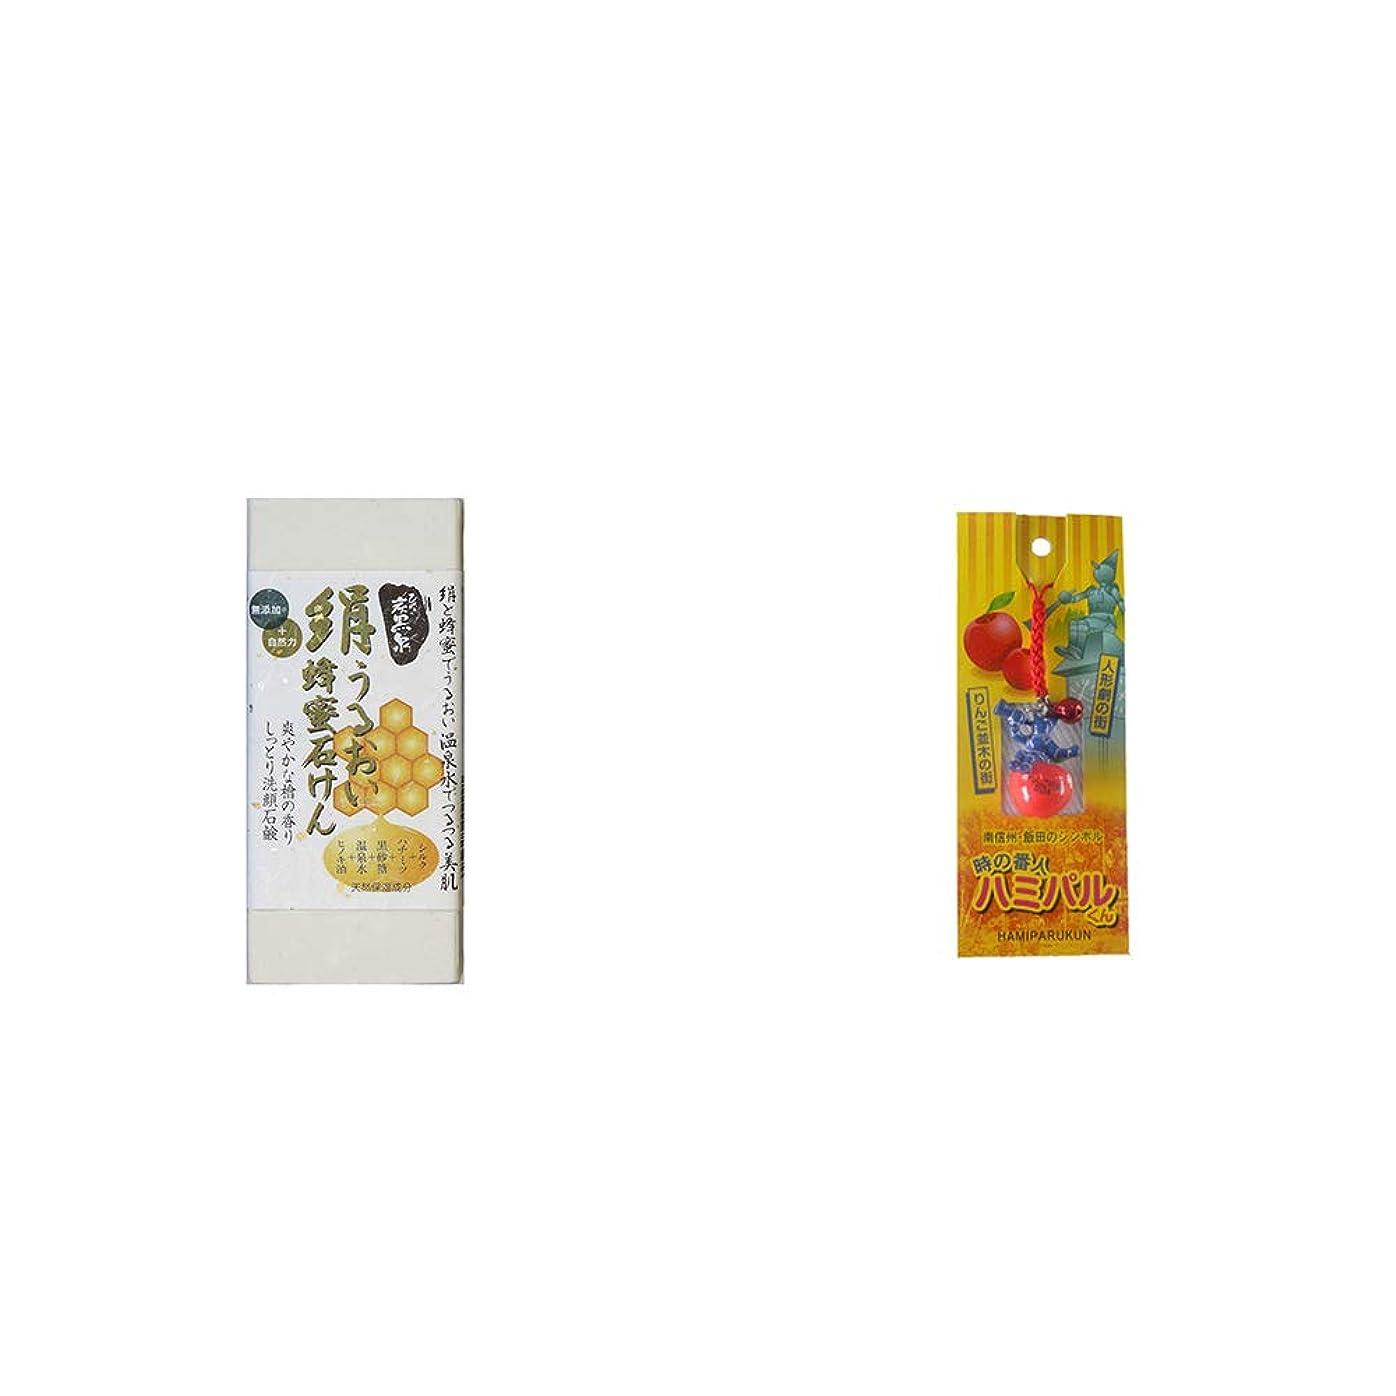 始まりページェント見て[2点セット] ひのき炭黒泉 絹うるおい蜂蜜石けん(75g×2)?信州?飯田のシンボル 時の番人ハミパルくんストラップ